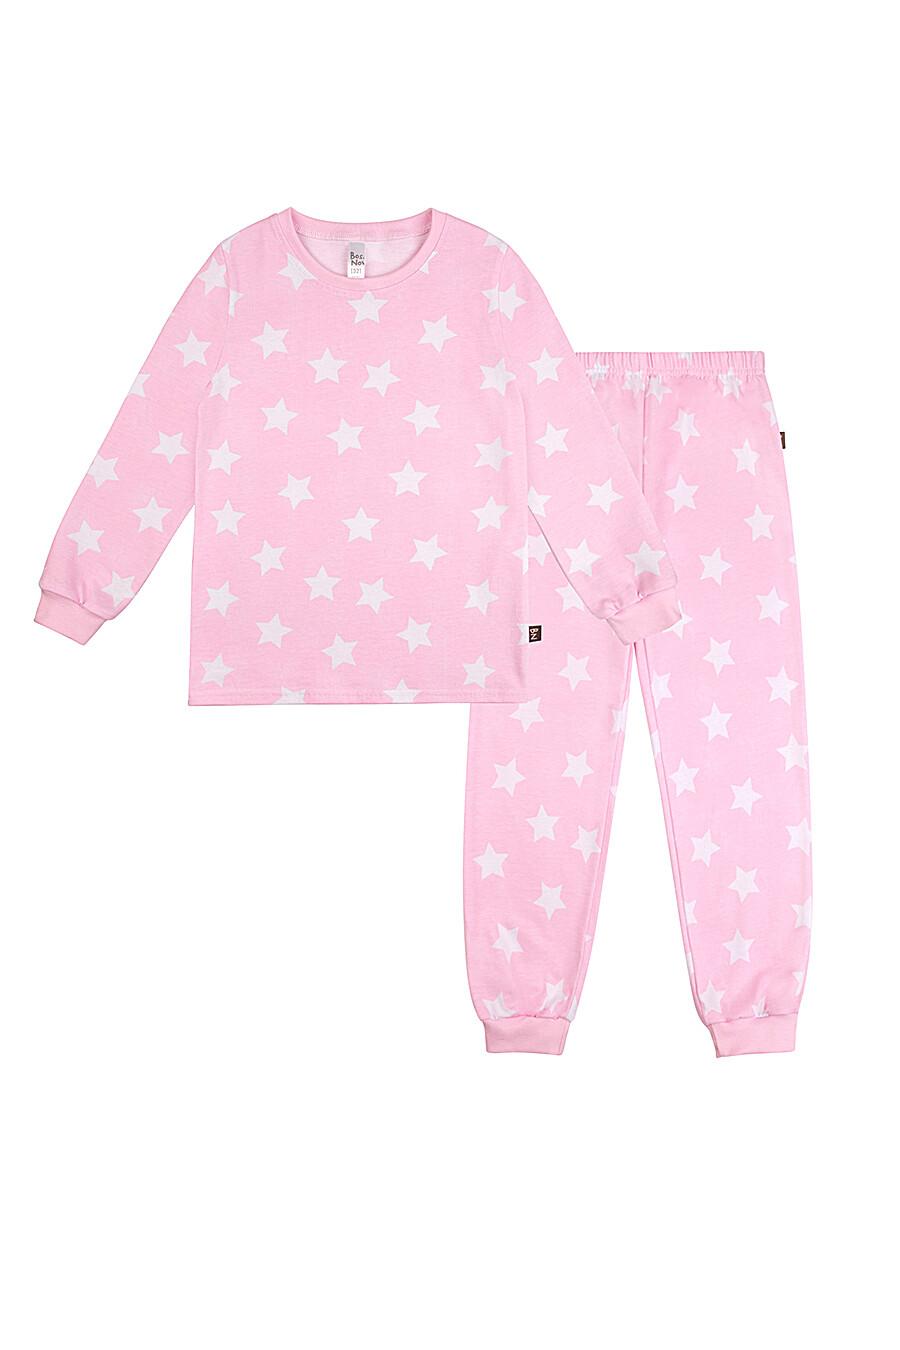 Пижама (джемпер+брюки) для девочек BOSSA NOVA 239173 купить оптом от производителя. Совместная покупка детской одежды в OptMoyo